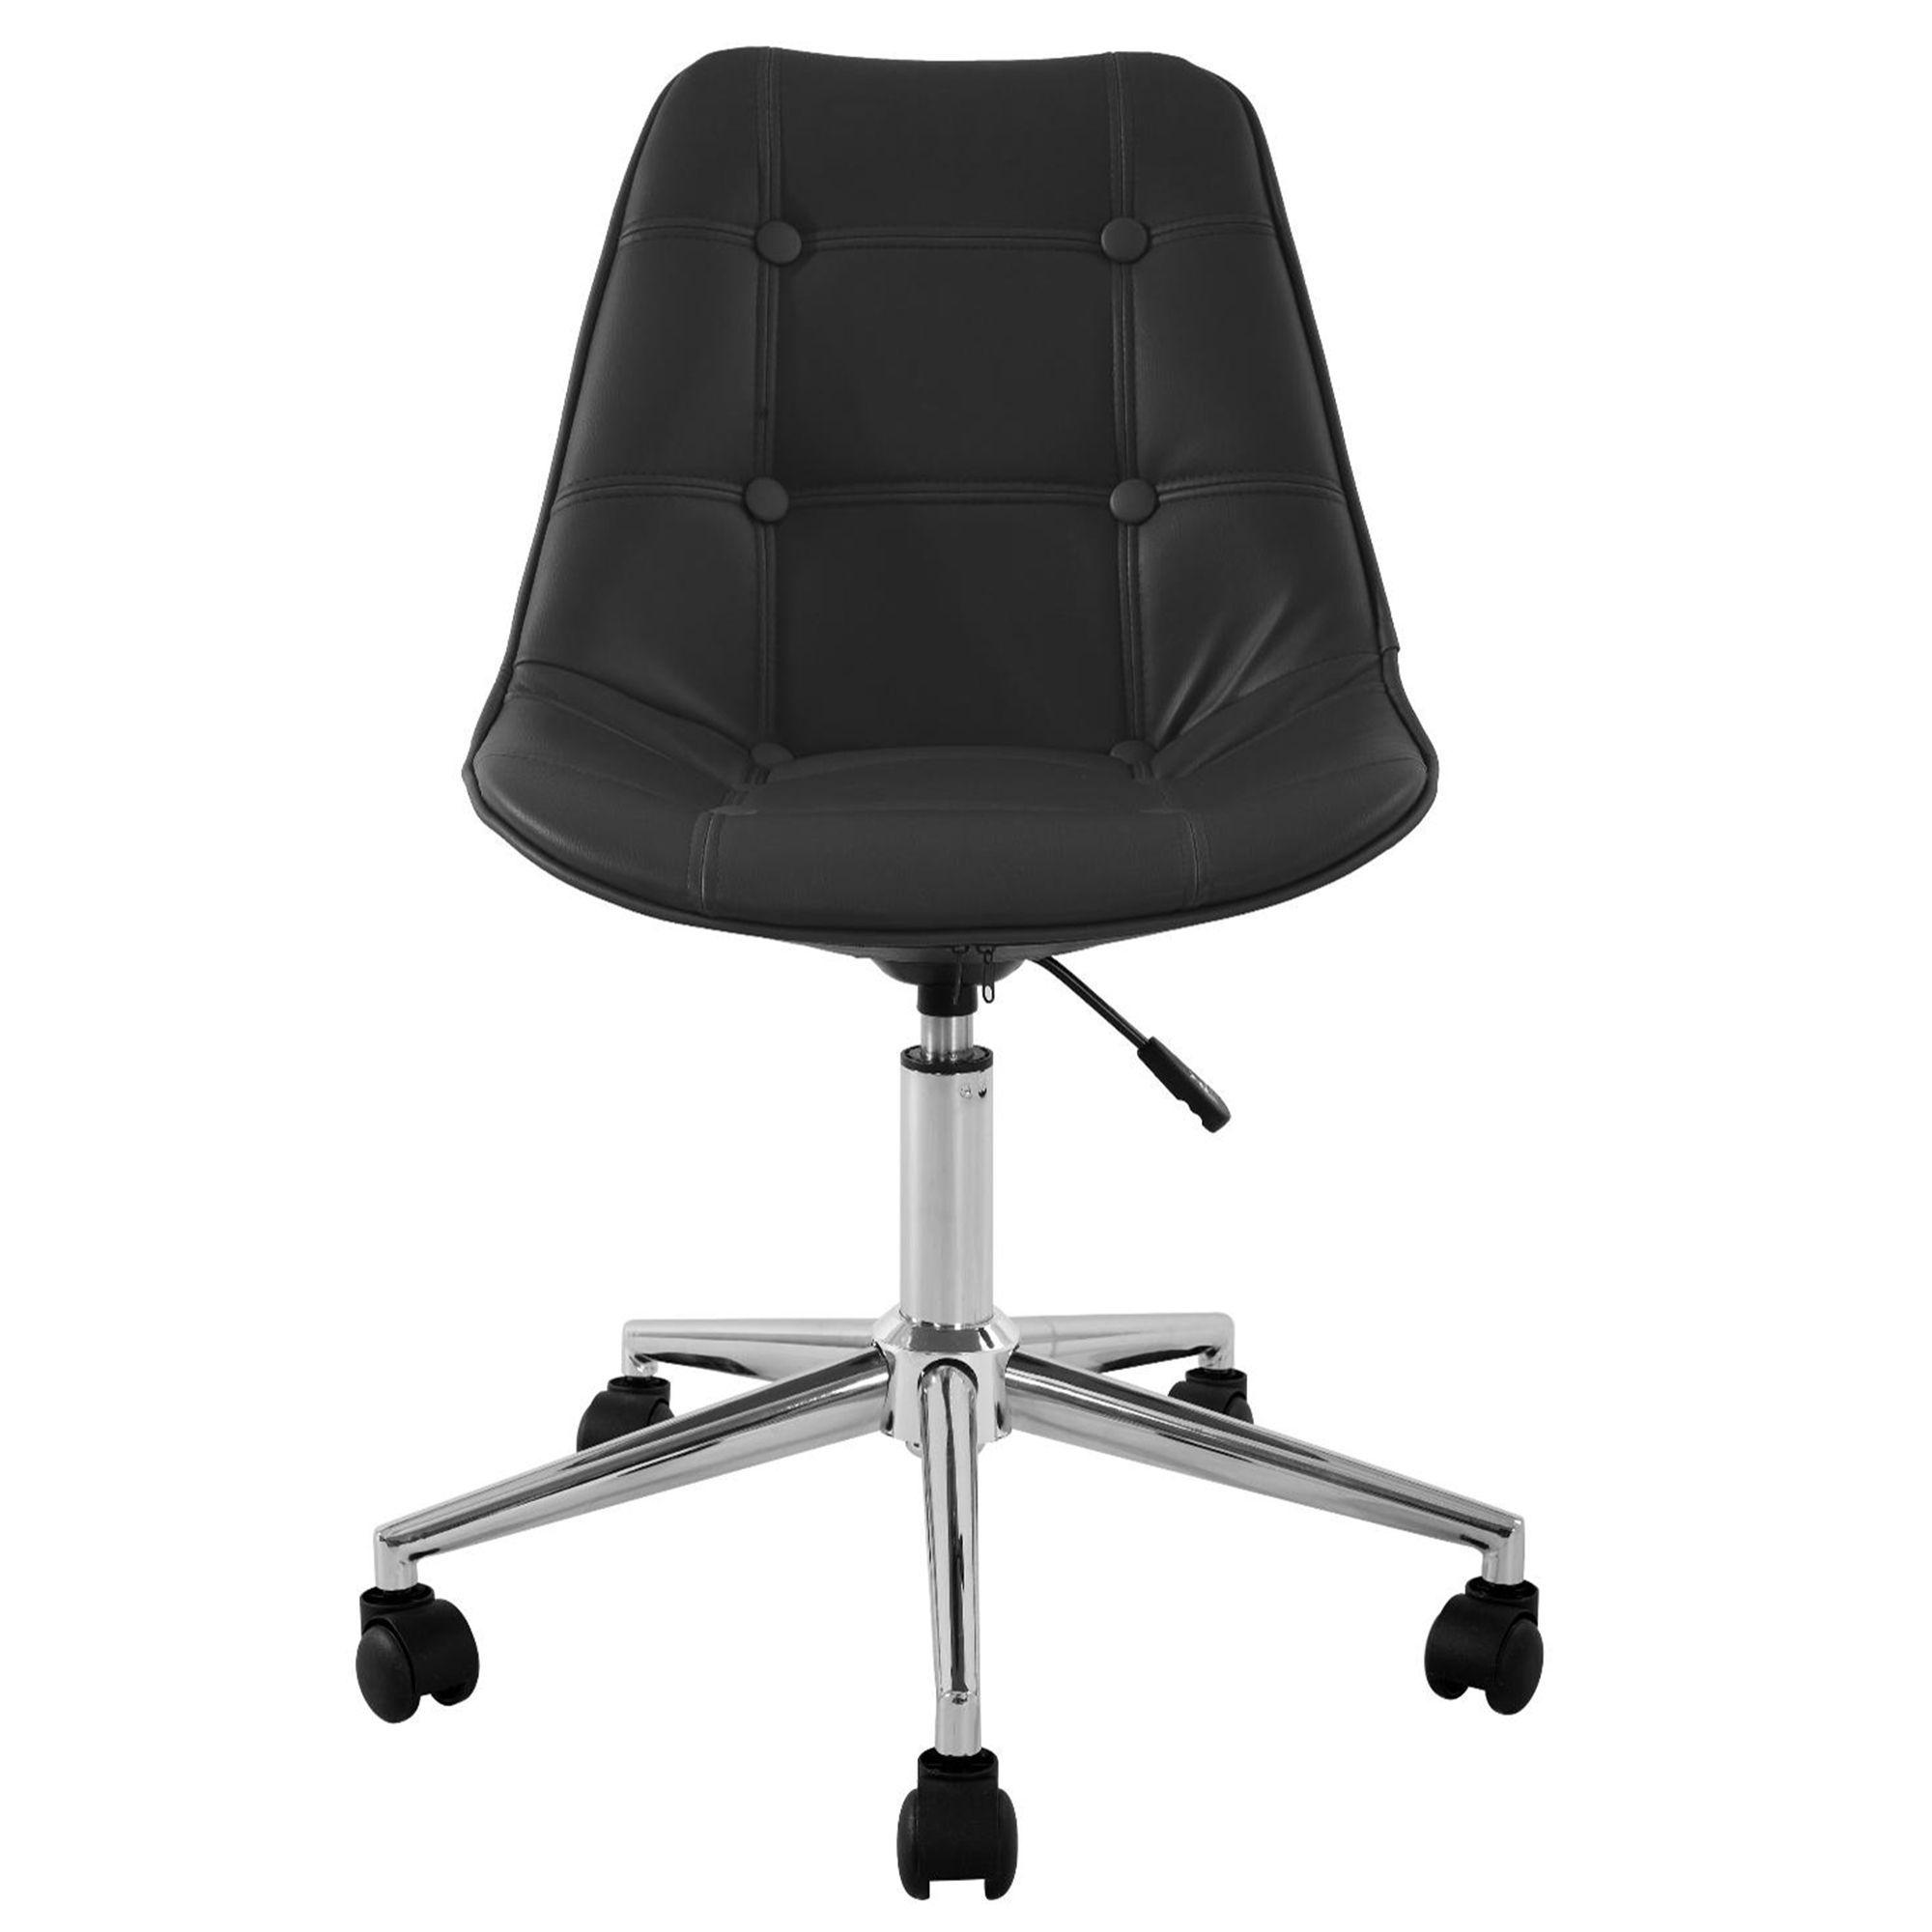 alinea fauteuil de bureau dactylo roulettes noir noir. Black Bedroom Furniture Sets. Home Design Ideas